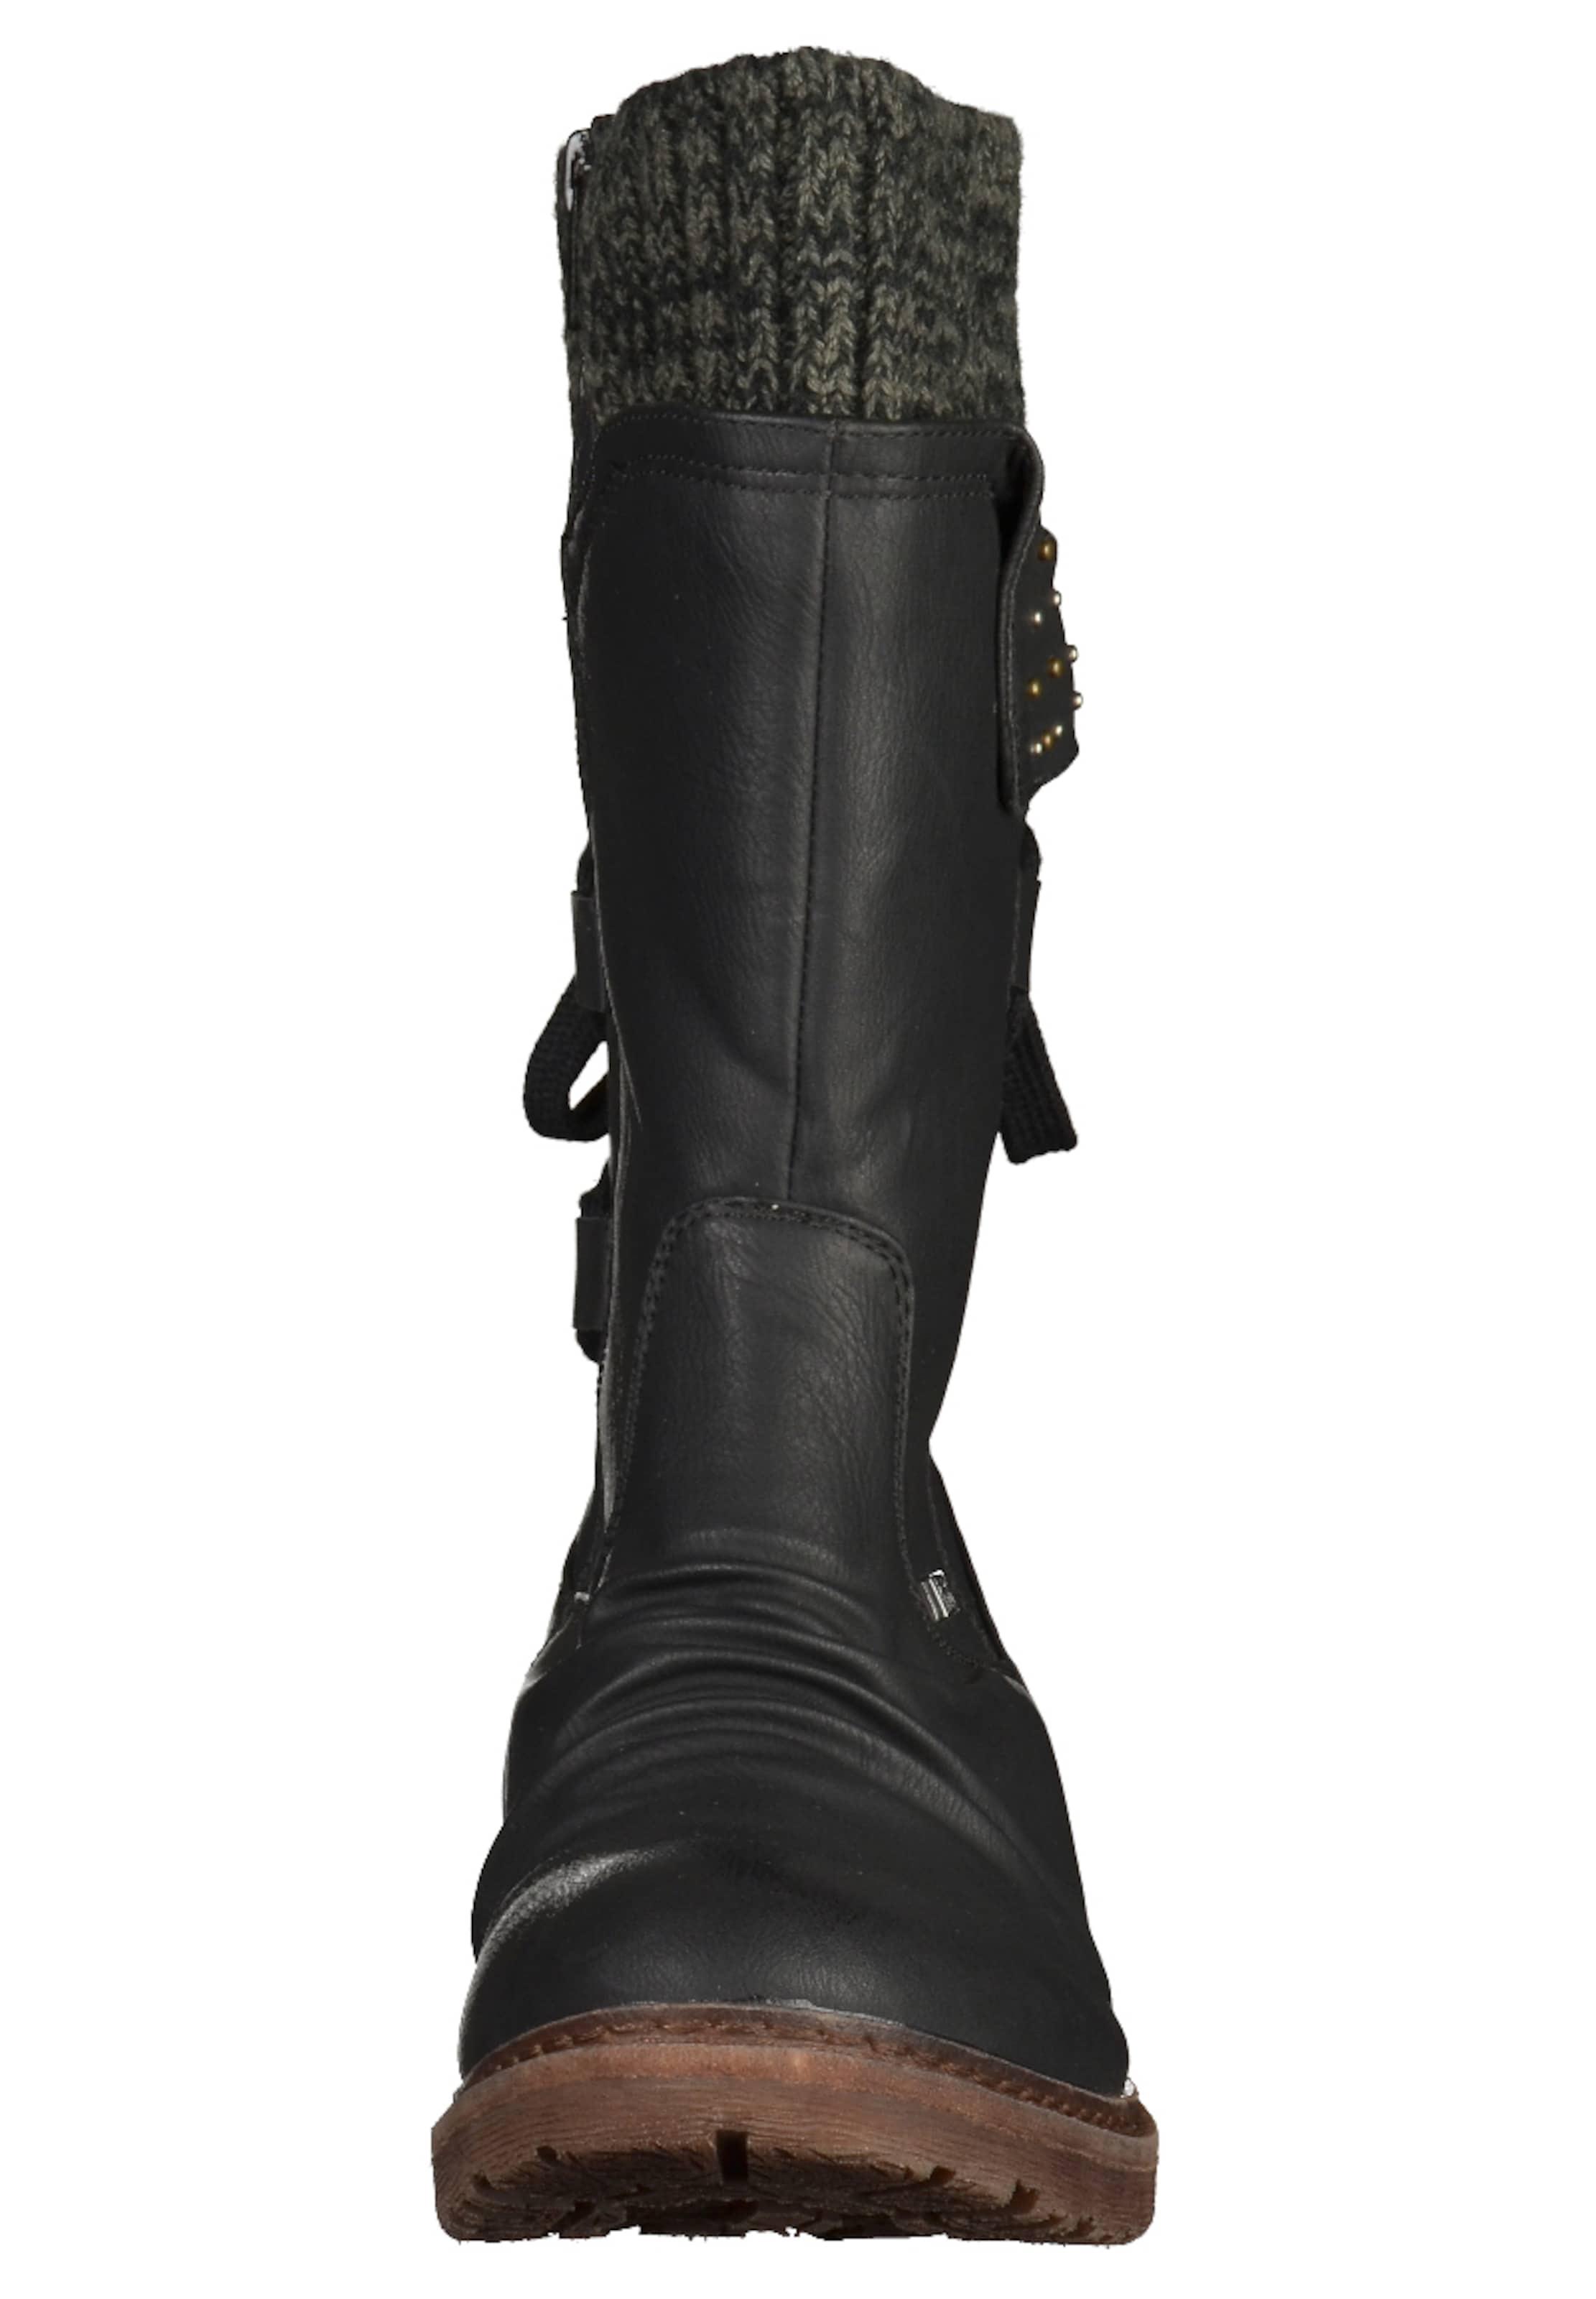 RIEKER Stiefel Online-Shopping Günstigen Preis Zum Verkauf Offizieller Seite YVo6wV